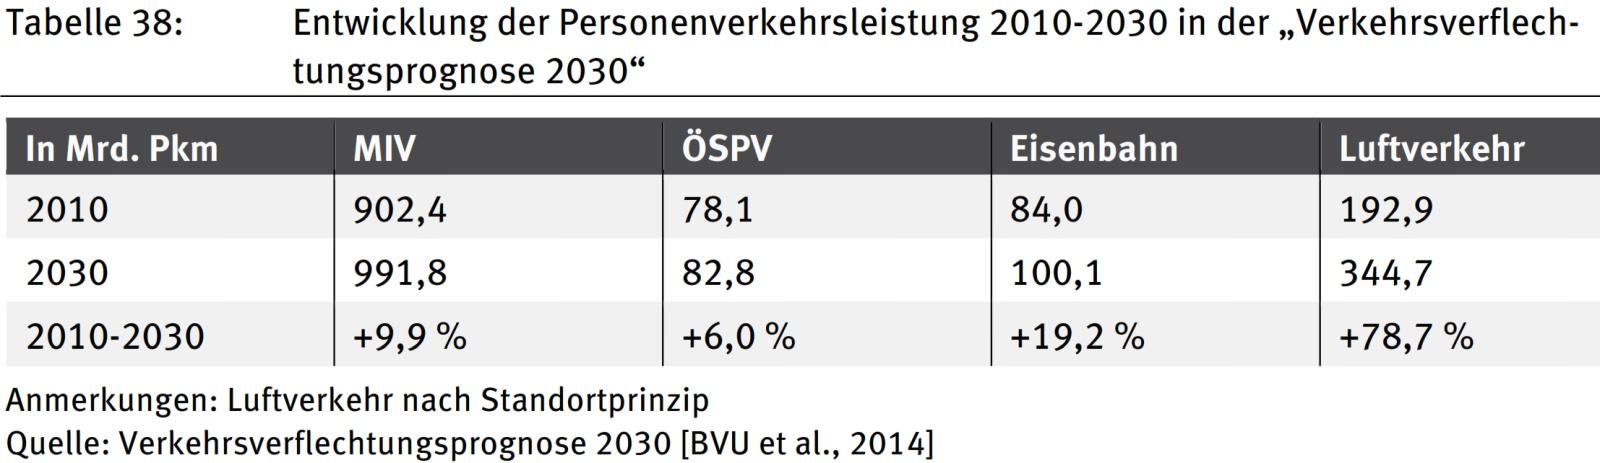 Wachstum Personenverkehrsleitung 2010 - 2030 Deutschland